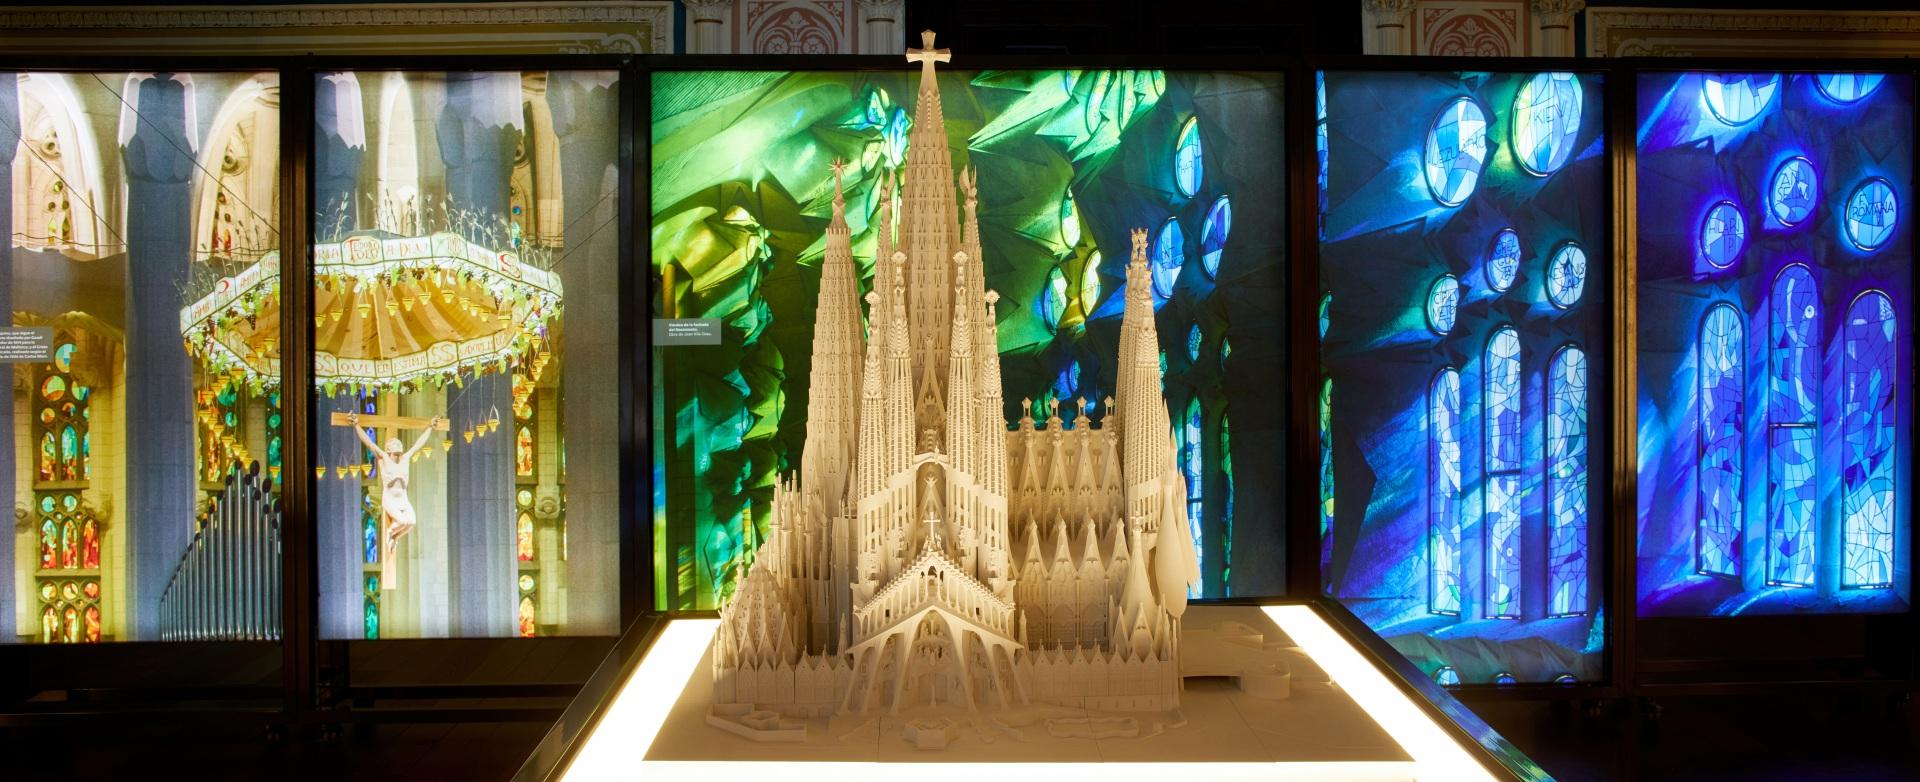 Exposición Gaudí Sagrada Familia. Maqueta iluminada. De fondo, cajas iluminadas con imágenes de vidrieras de color azul y verde y escultura de Jesucristo bajo baldaquino.